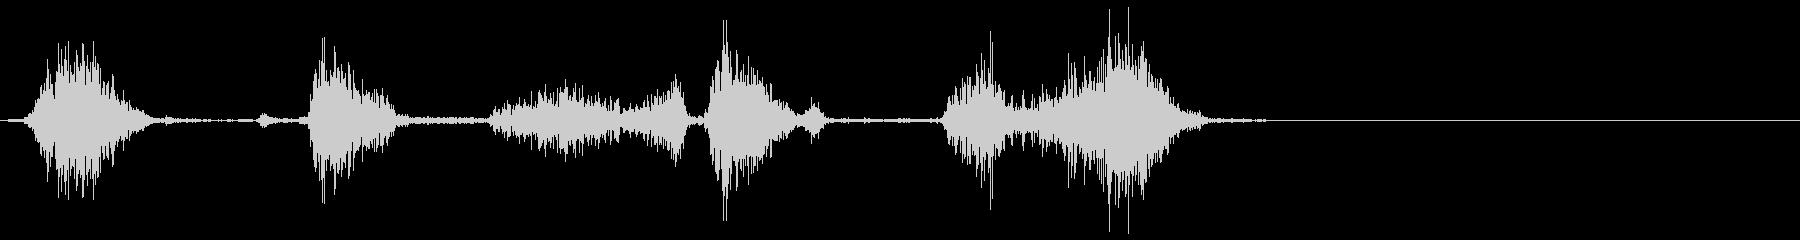 マジックで書く・記入する音(低・短)の未再生の波形